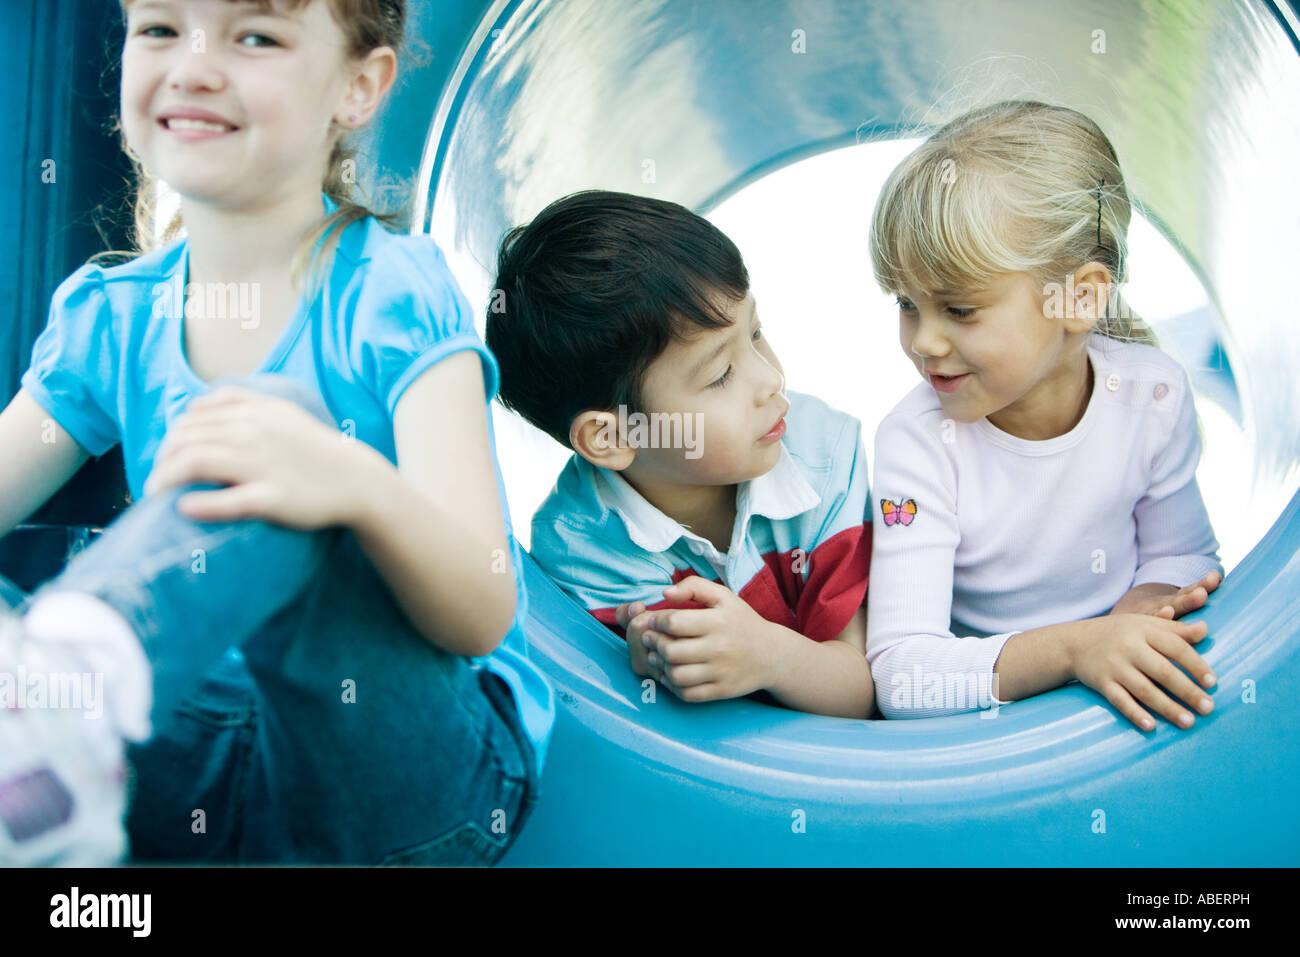 Children on playground equipment Stock Photo